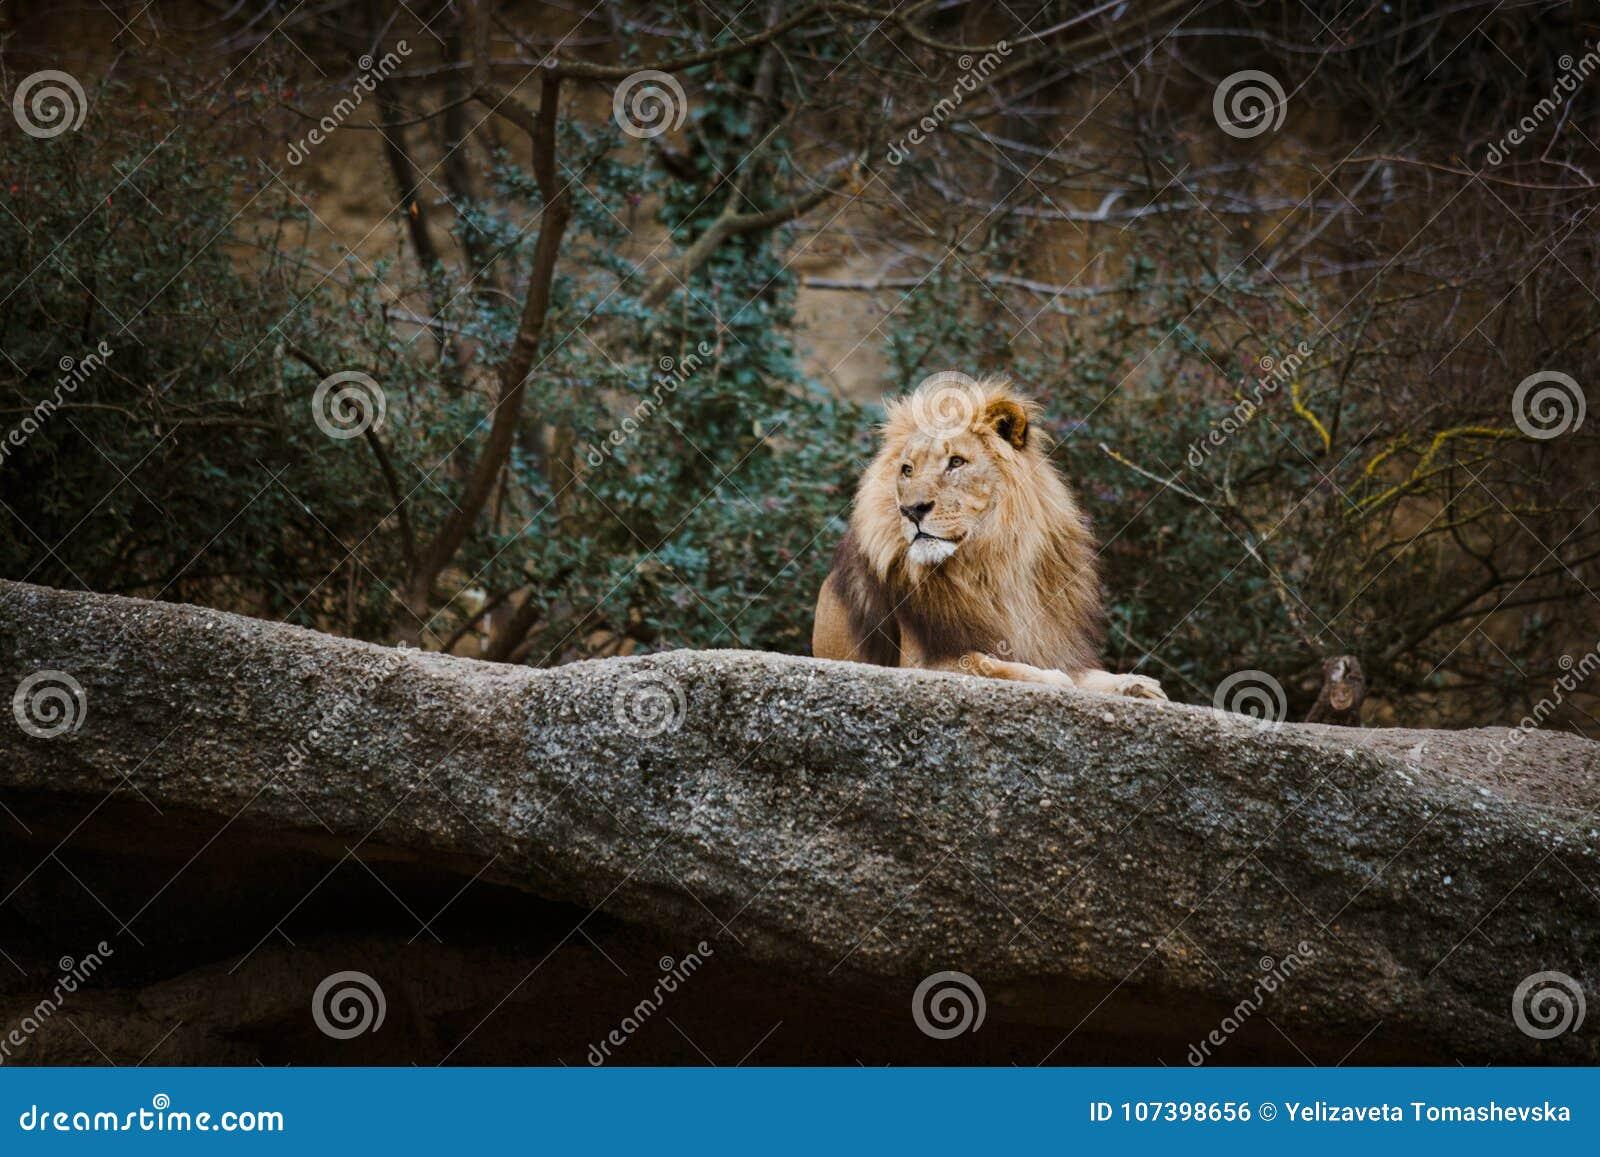 Trois lionnes africaines de couleur rouge se reposent sur une pierre dans un zoo de la ville de Bâle en Suisse en hiver par temps